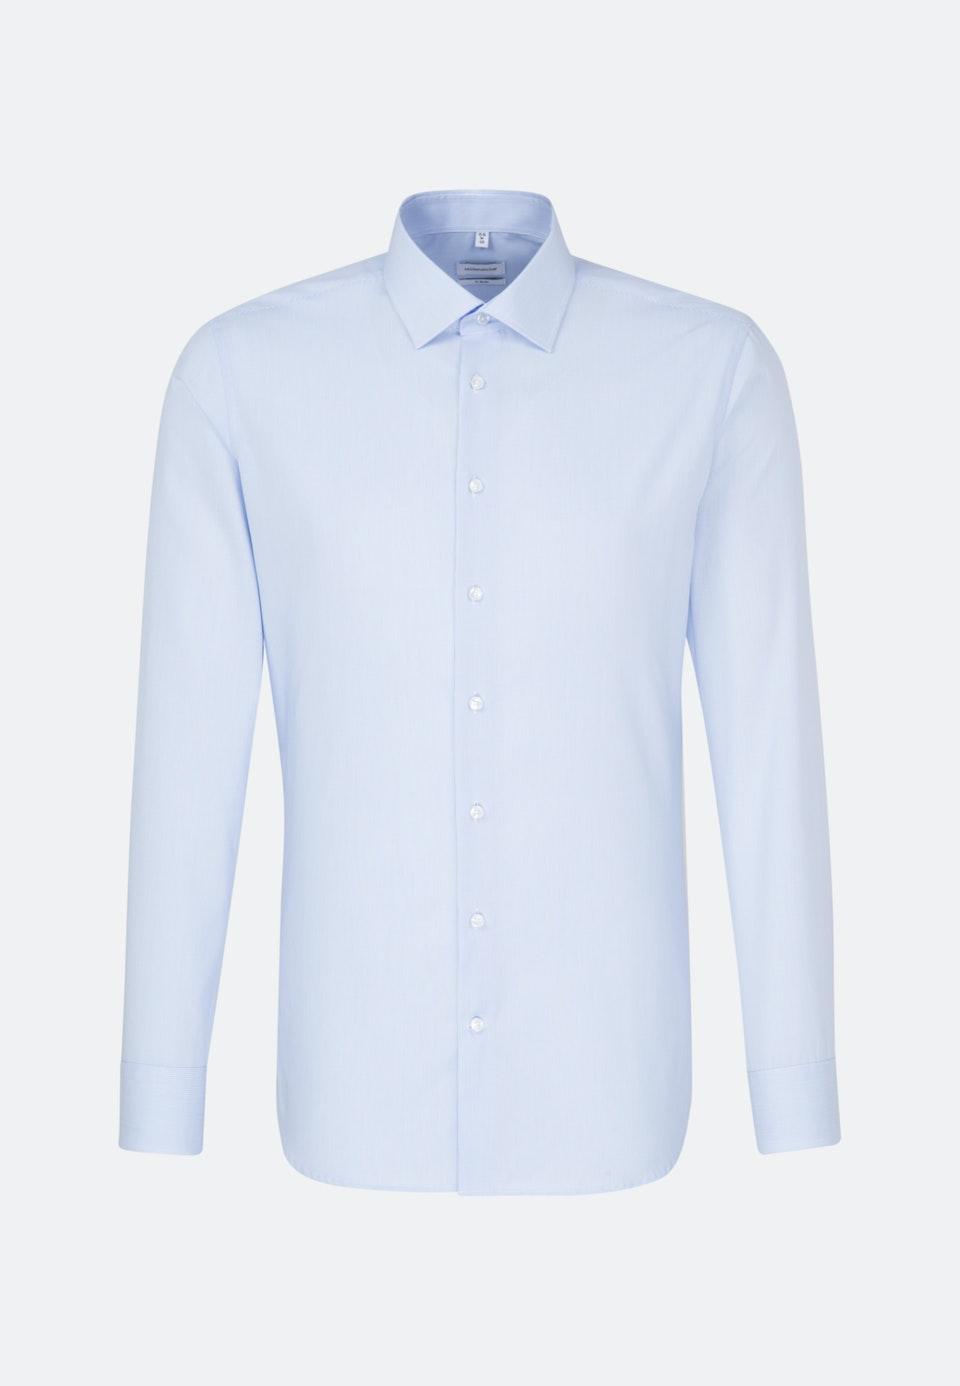 Bügelfreies Popeline Business Hemd in X-Slim mit Kentkragen in Hellblau |  Seidensticker Onlineshop